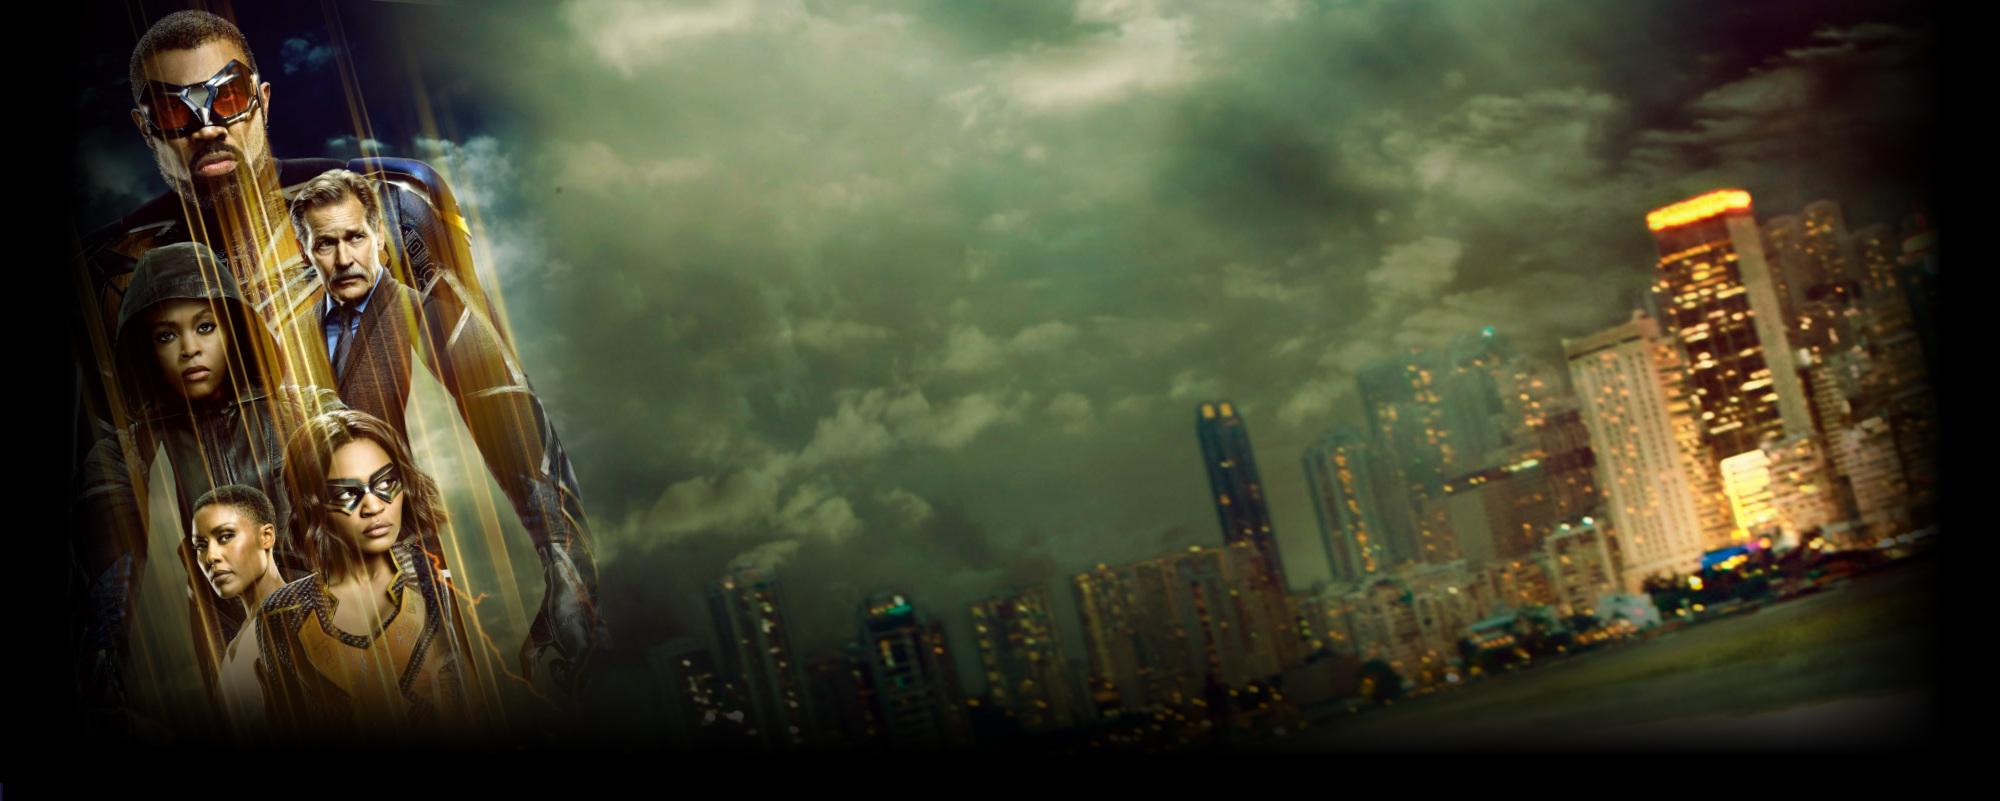 Black Lightning background.jpg